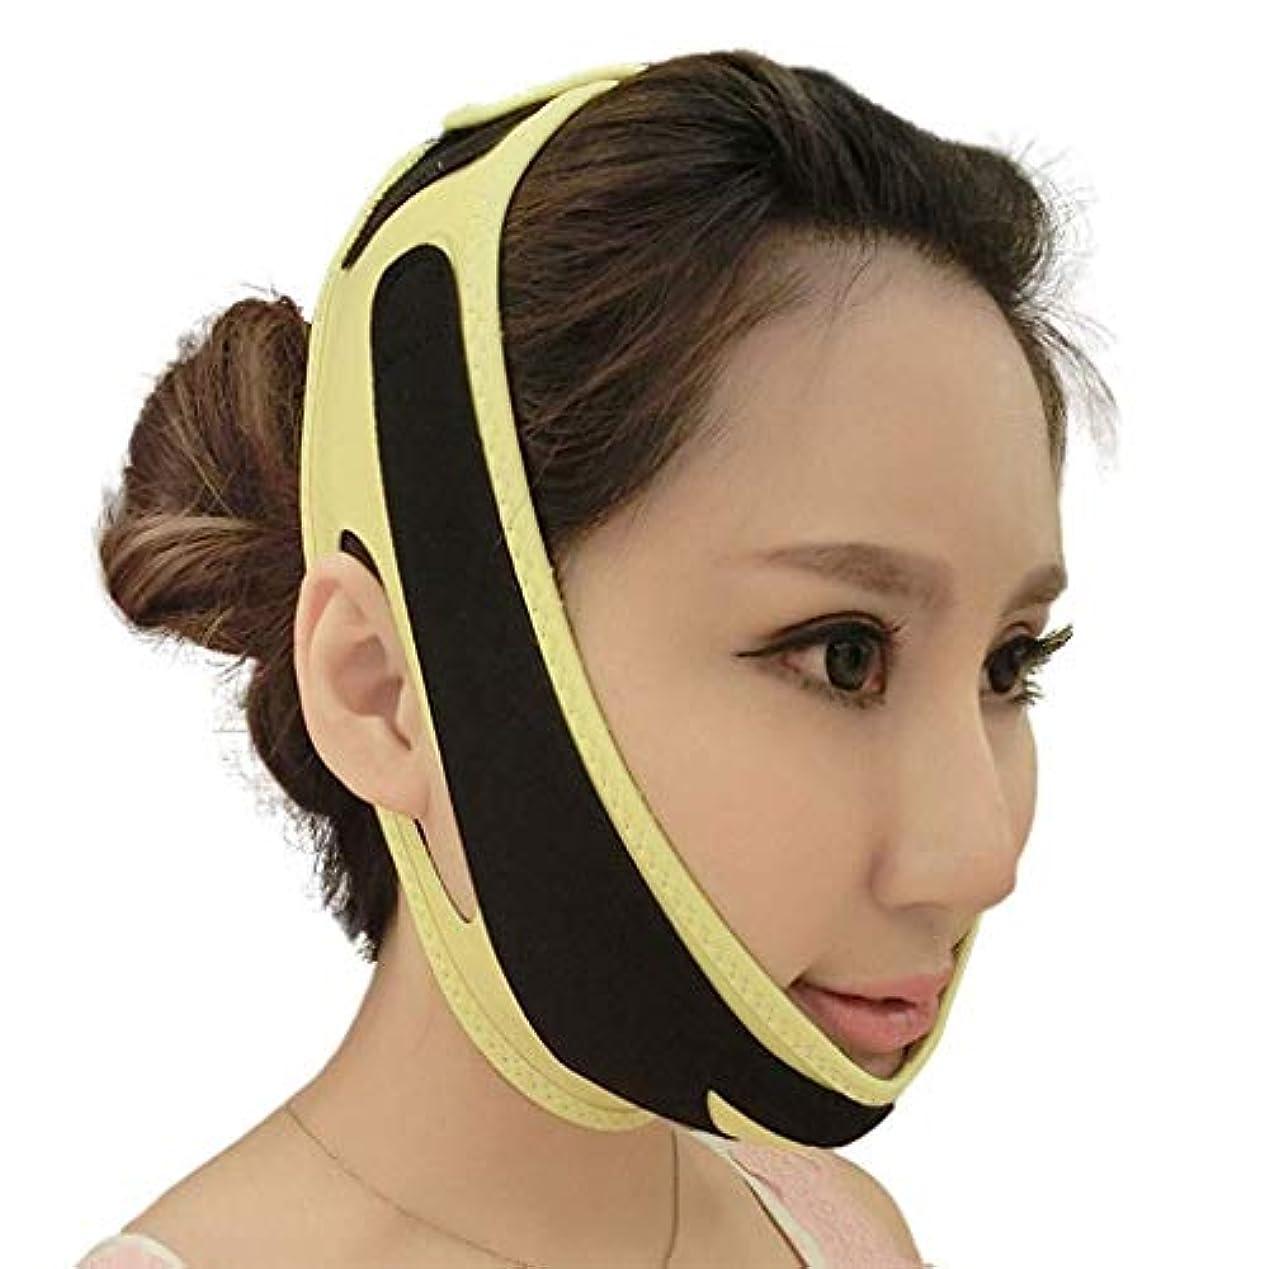 タービンスプーン踊り子顔の持ち上がる細くの伸縮性があるベルト、 フェイススリミングマスク、フェイスリフト包帯Vフェイスベルトフェイスリフトバンド 女性用バンドを持ち上げる